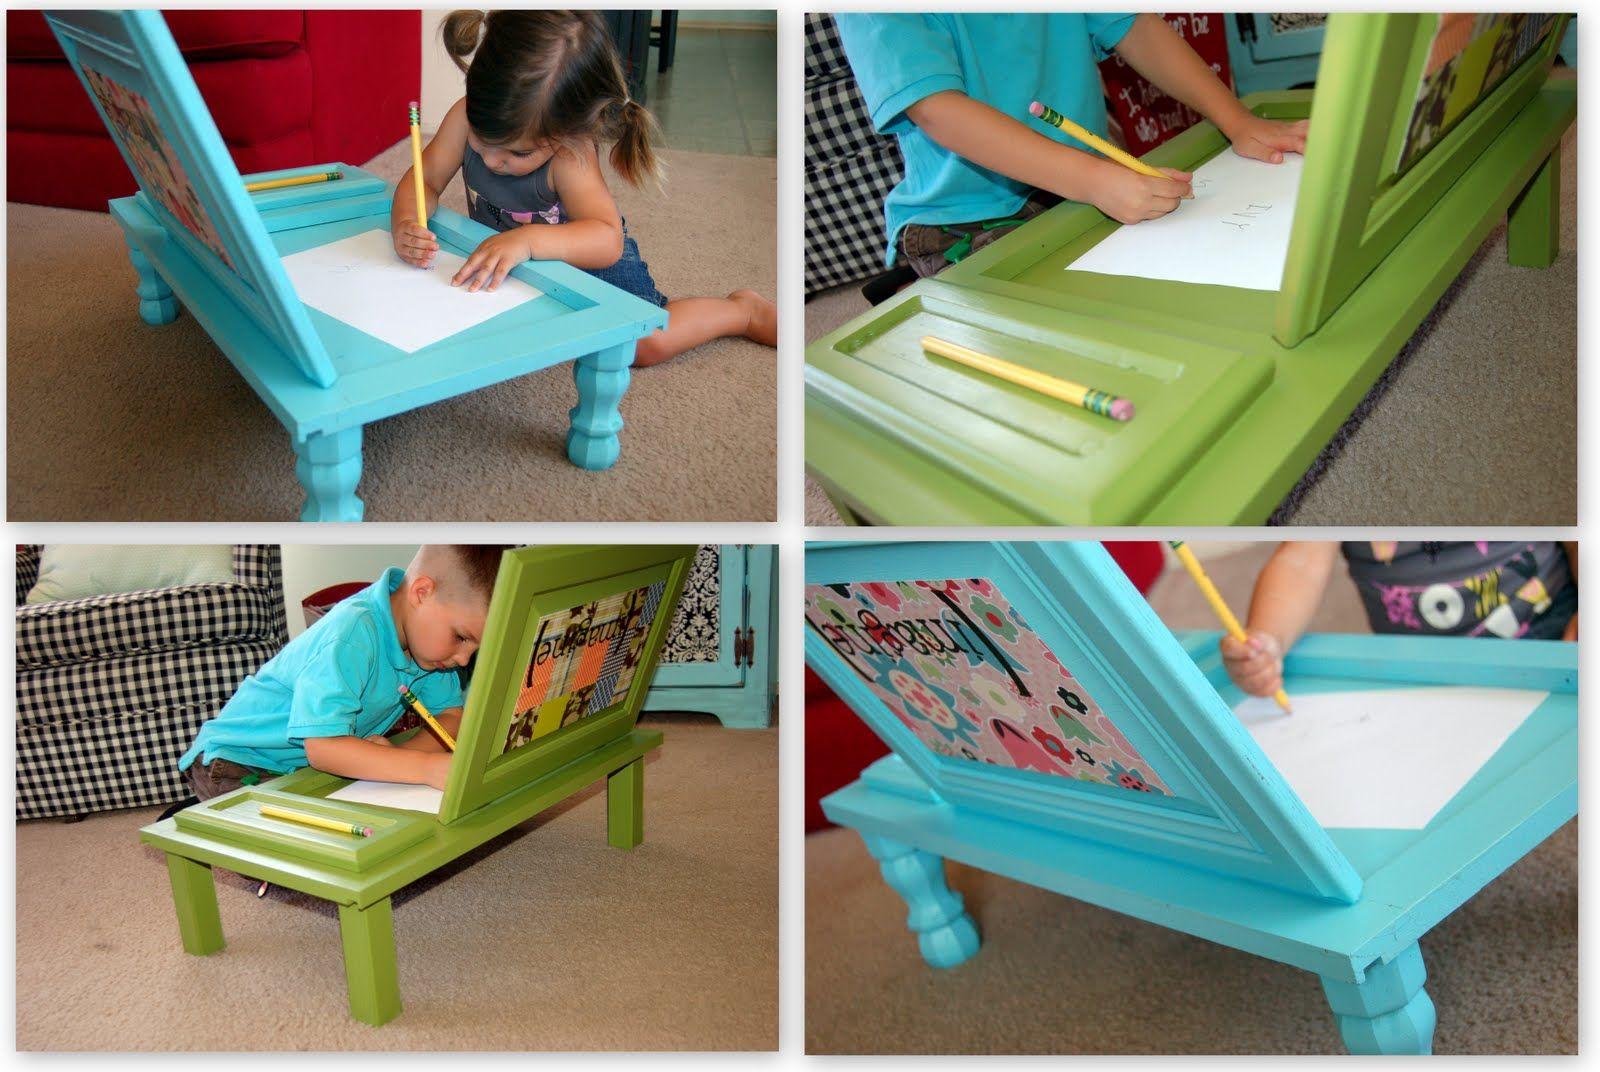 Cupboard doorgoneart desk craft ideaskids pinterest art